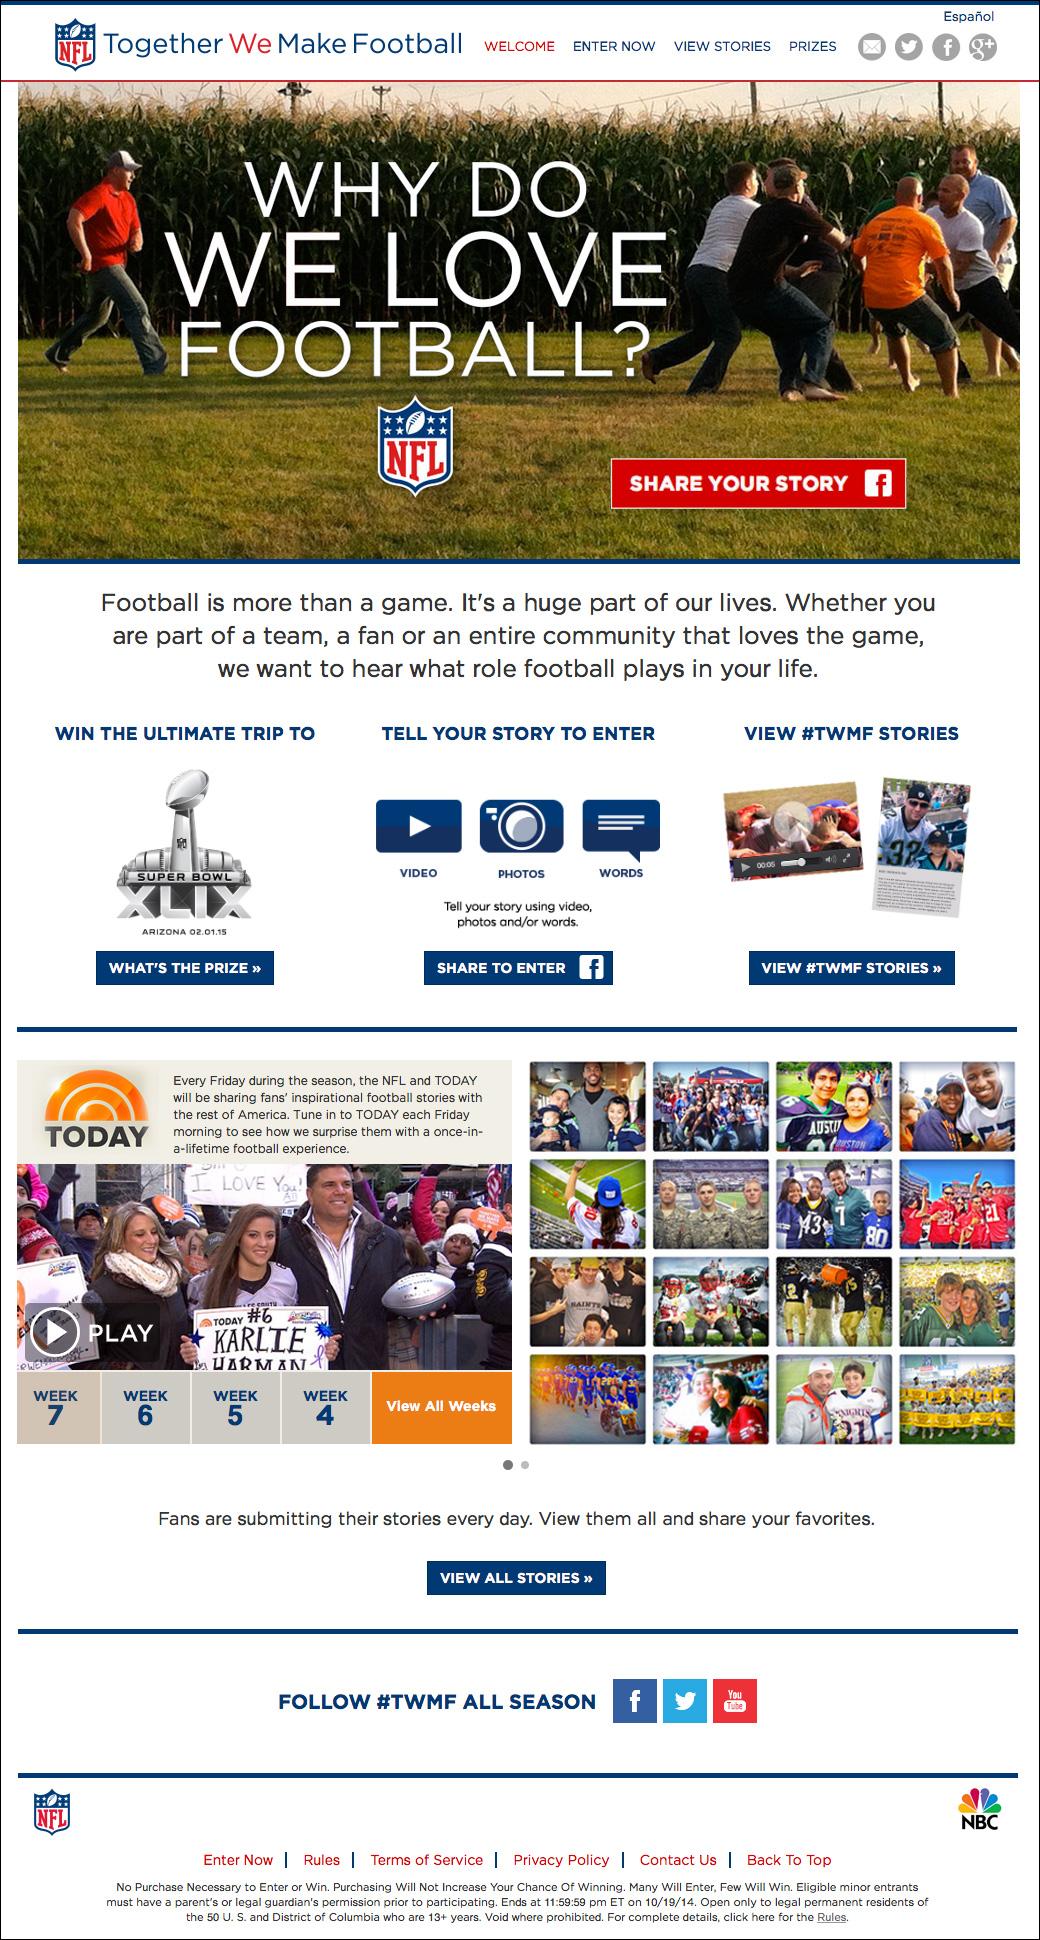 NFL Together We Make Football